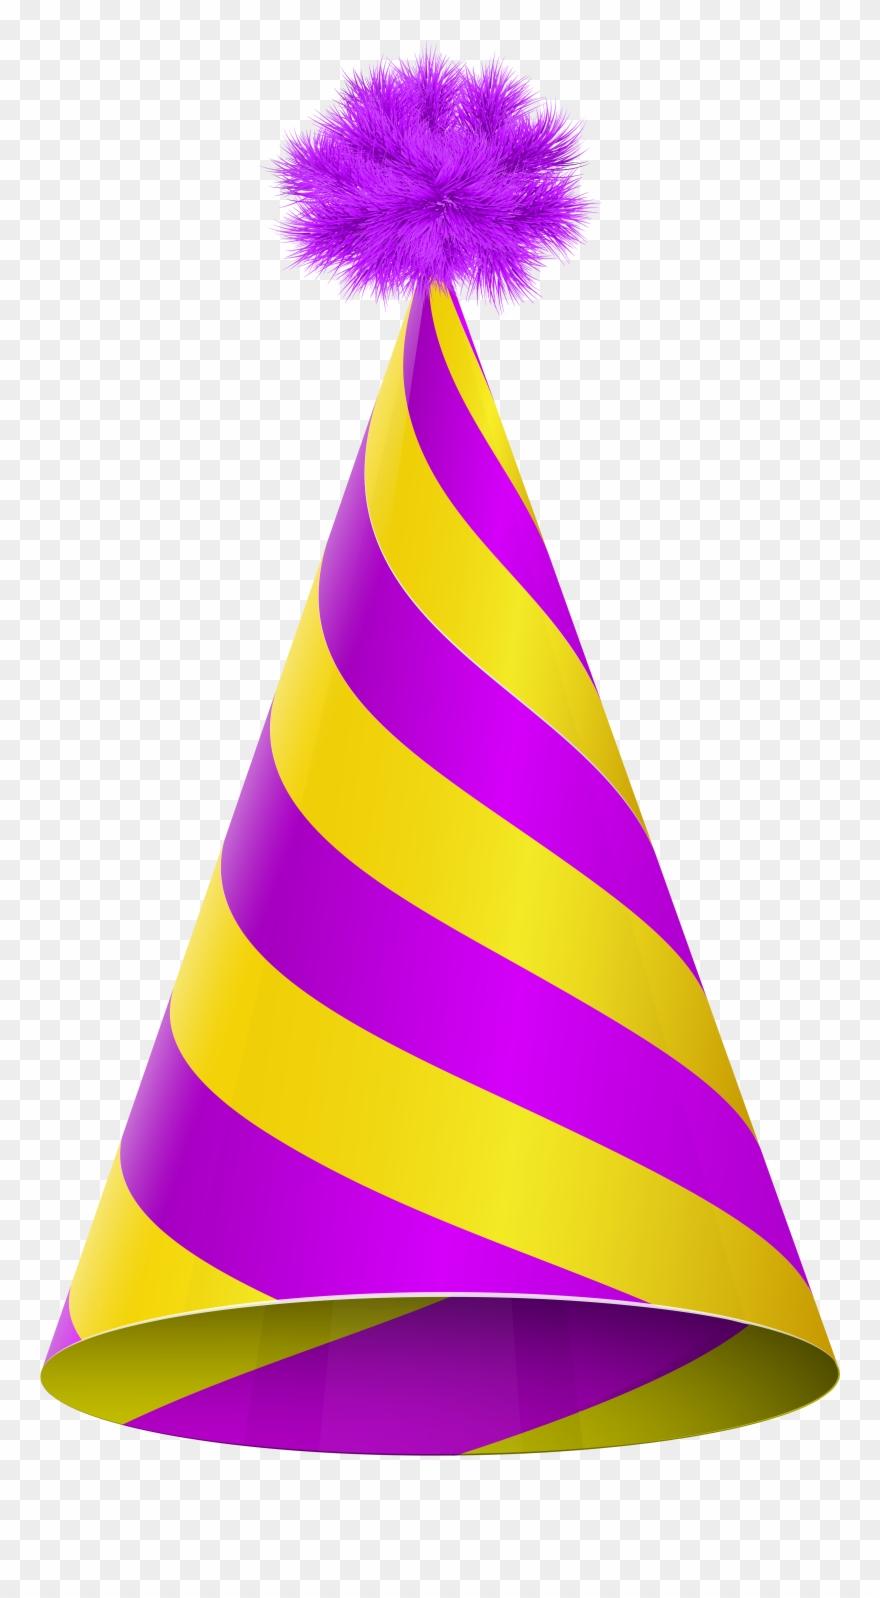 Plain party hat clipart purple transparent background png transparent Party Hat Transparent Png Clipart (#221057) - PinClipart png transparent